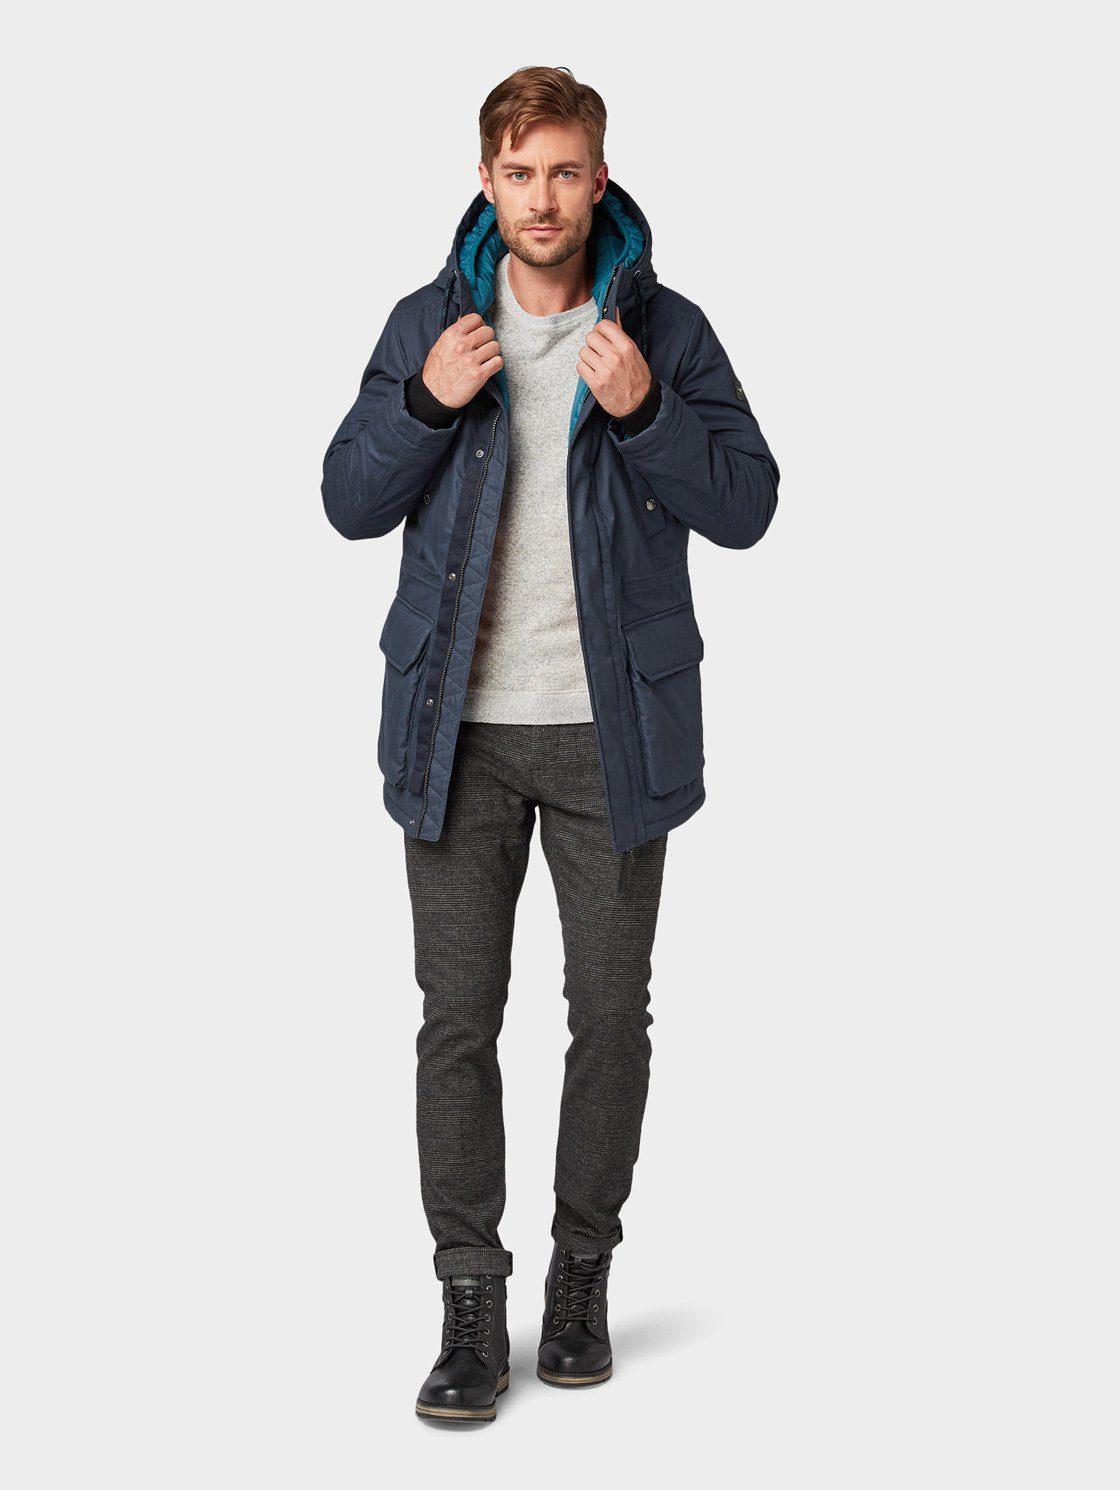 Tom Tailor Winterjack Jacke Mit Doppelter Kapuze Online Verkrijgbaar - Geweldige Prijs